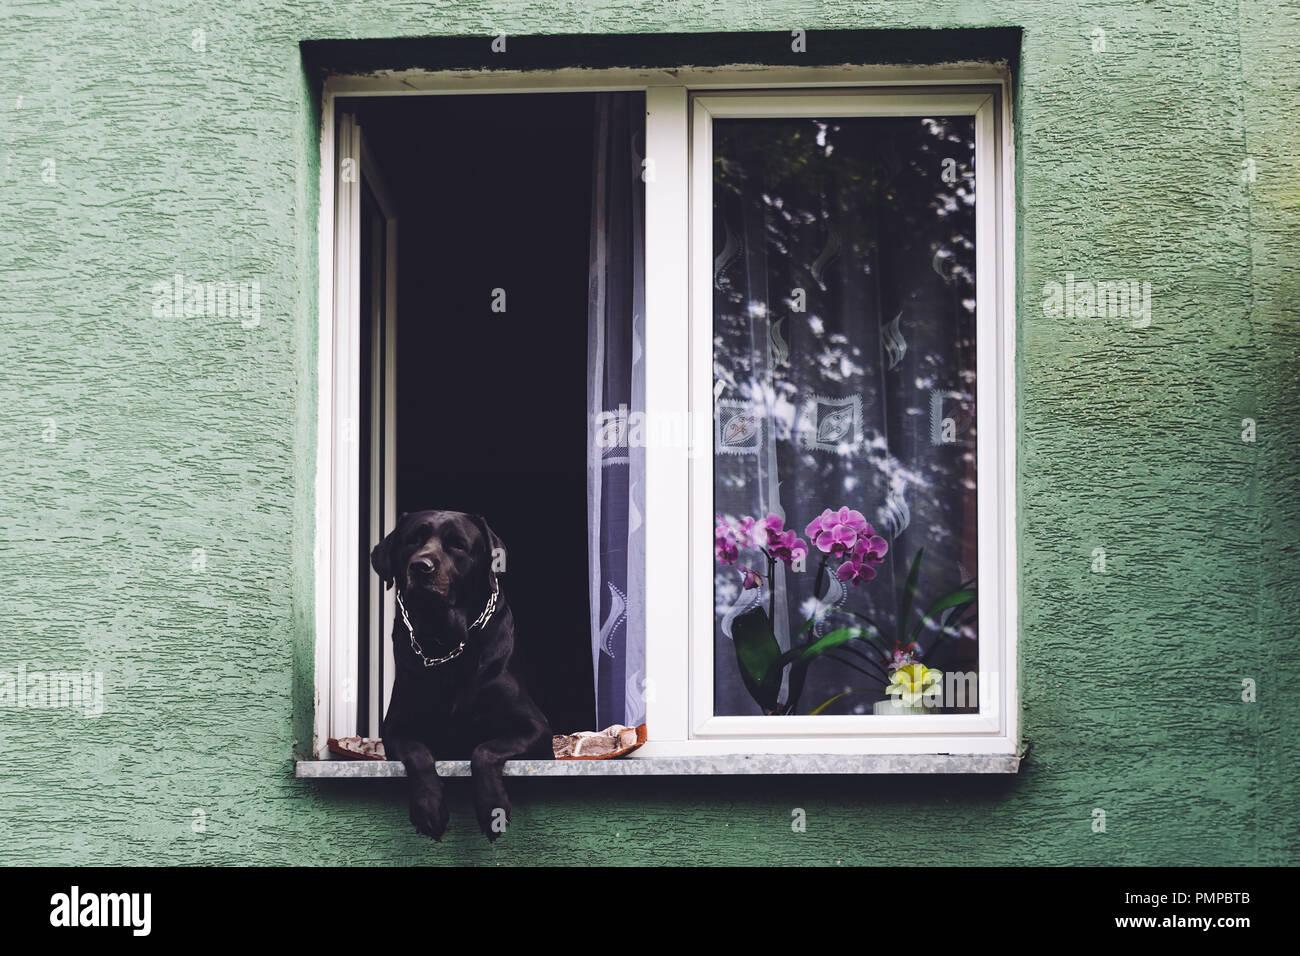 Perro mirando por la ventana de un edificio de apartamentos Foto de stock